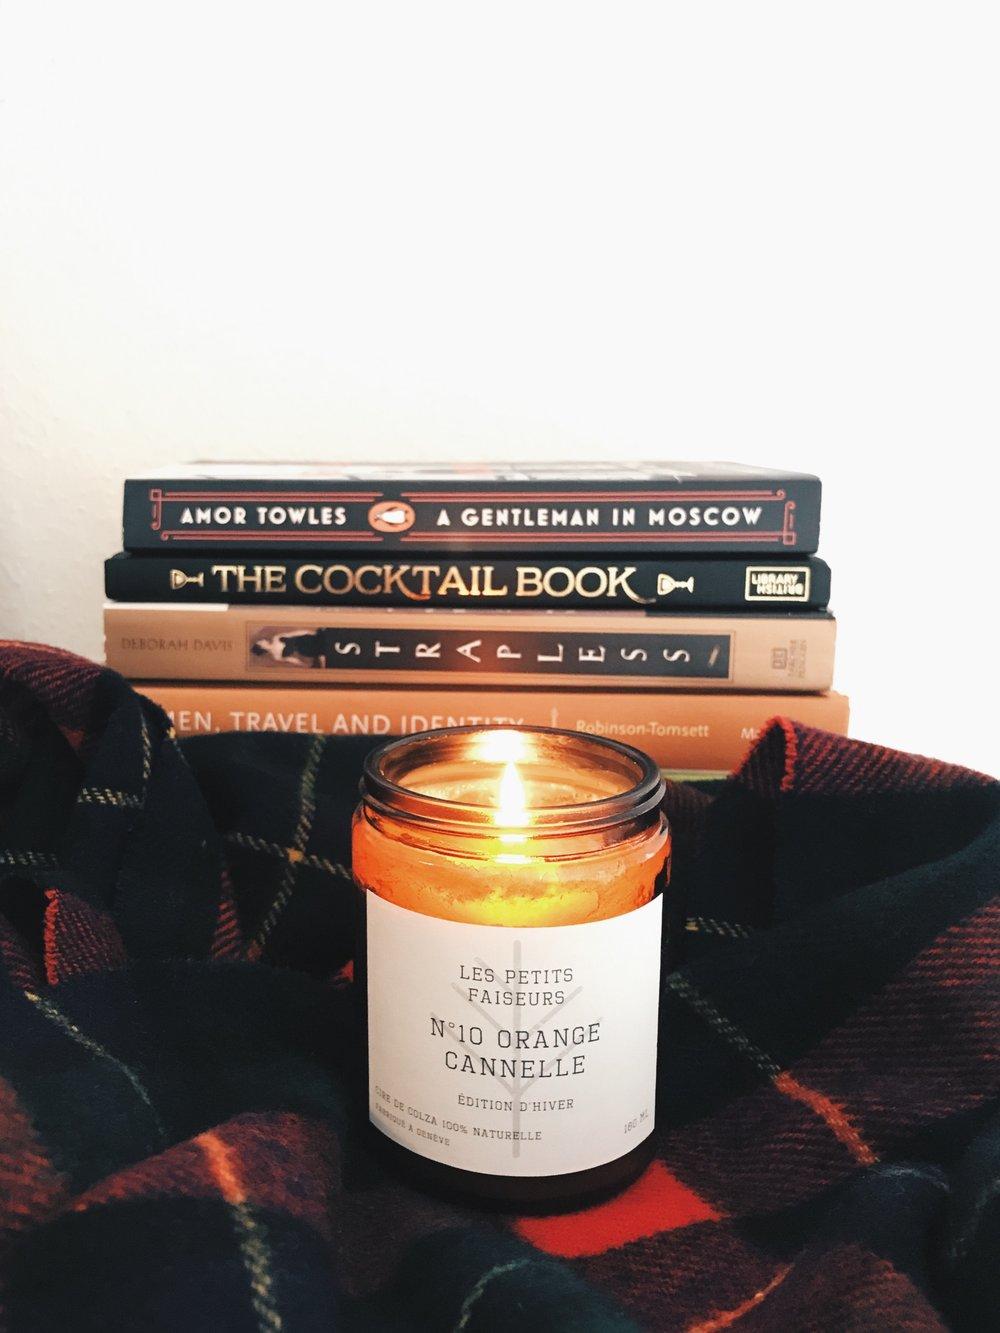 Candle by Les Petits Faiseurs